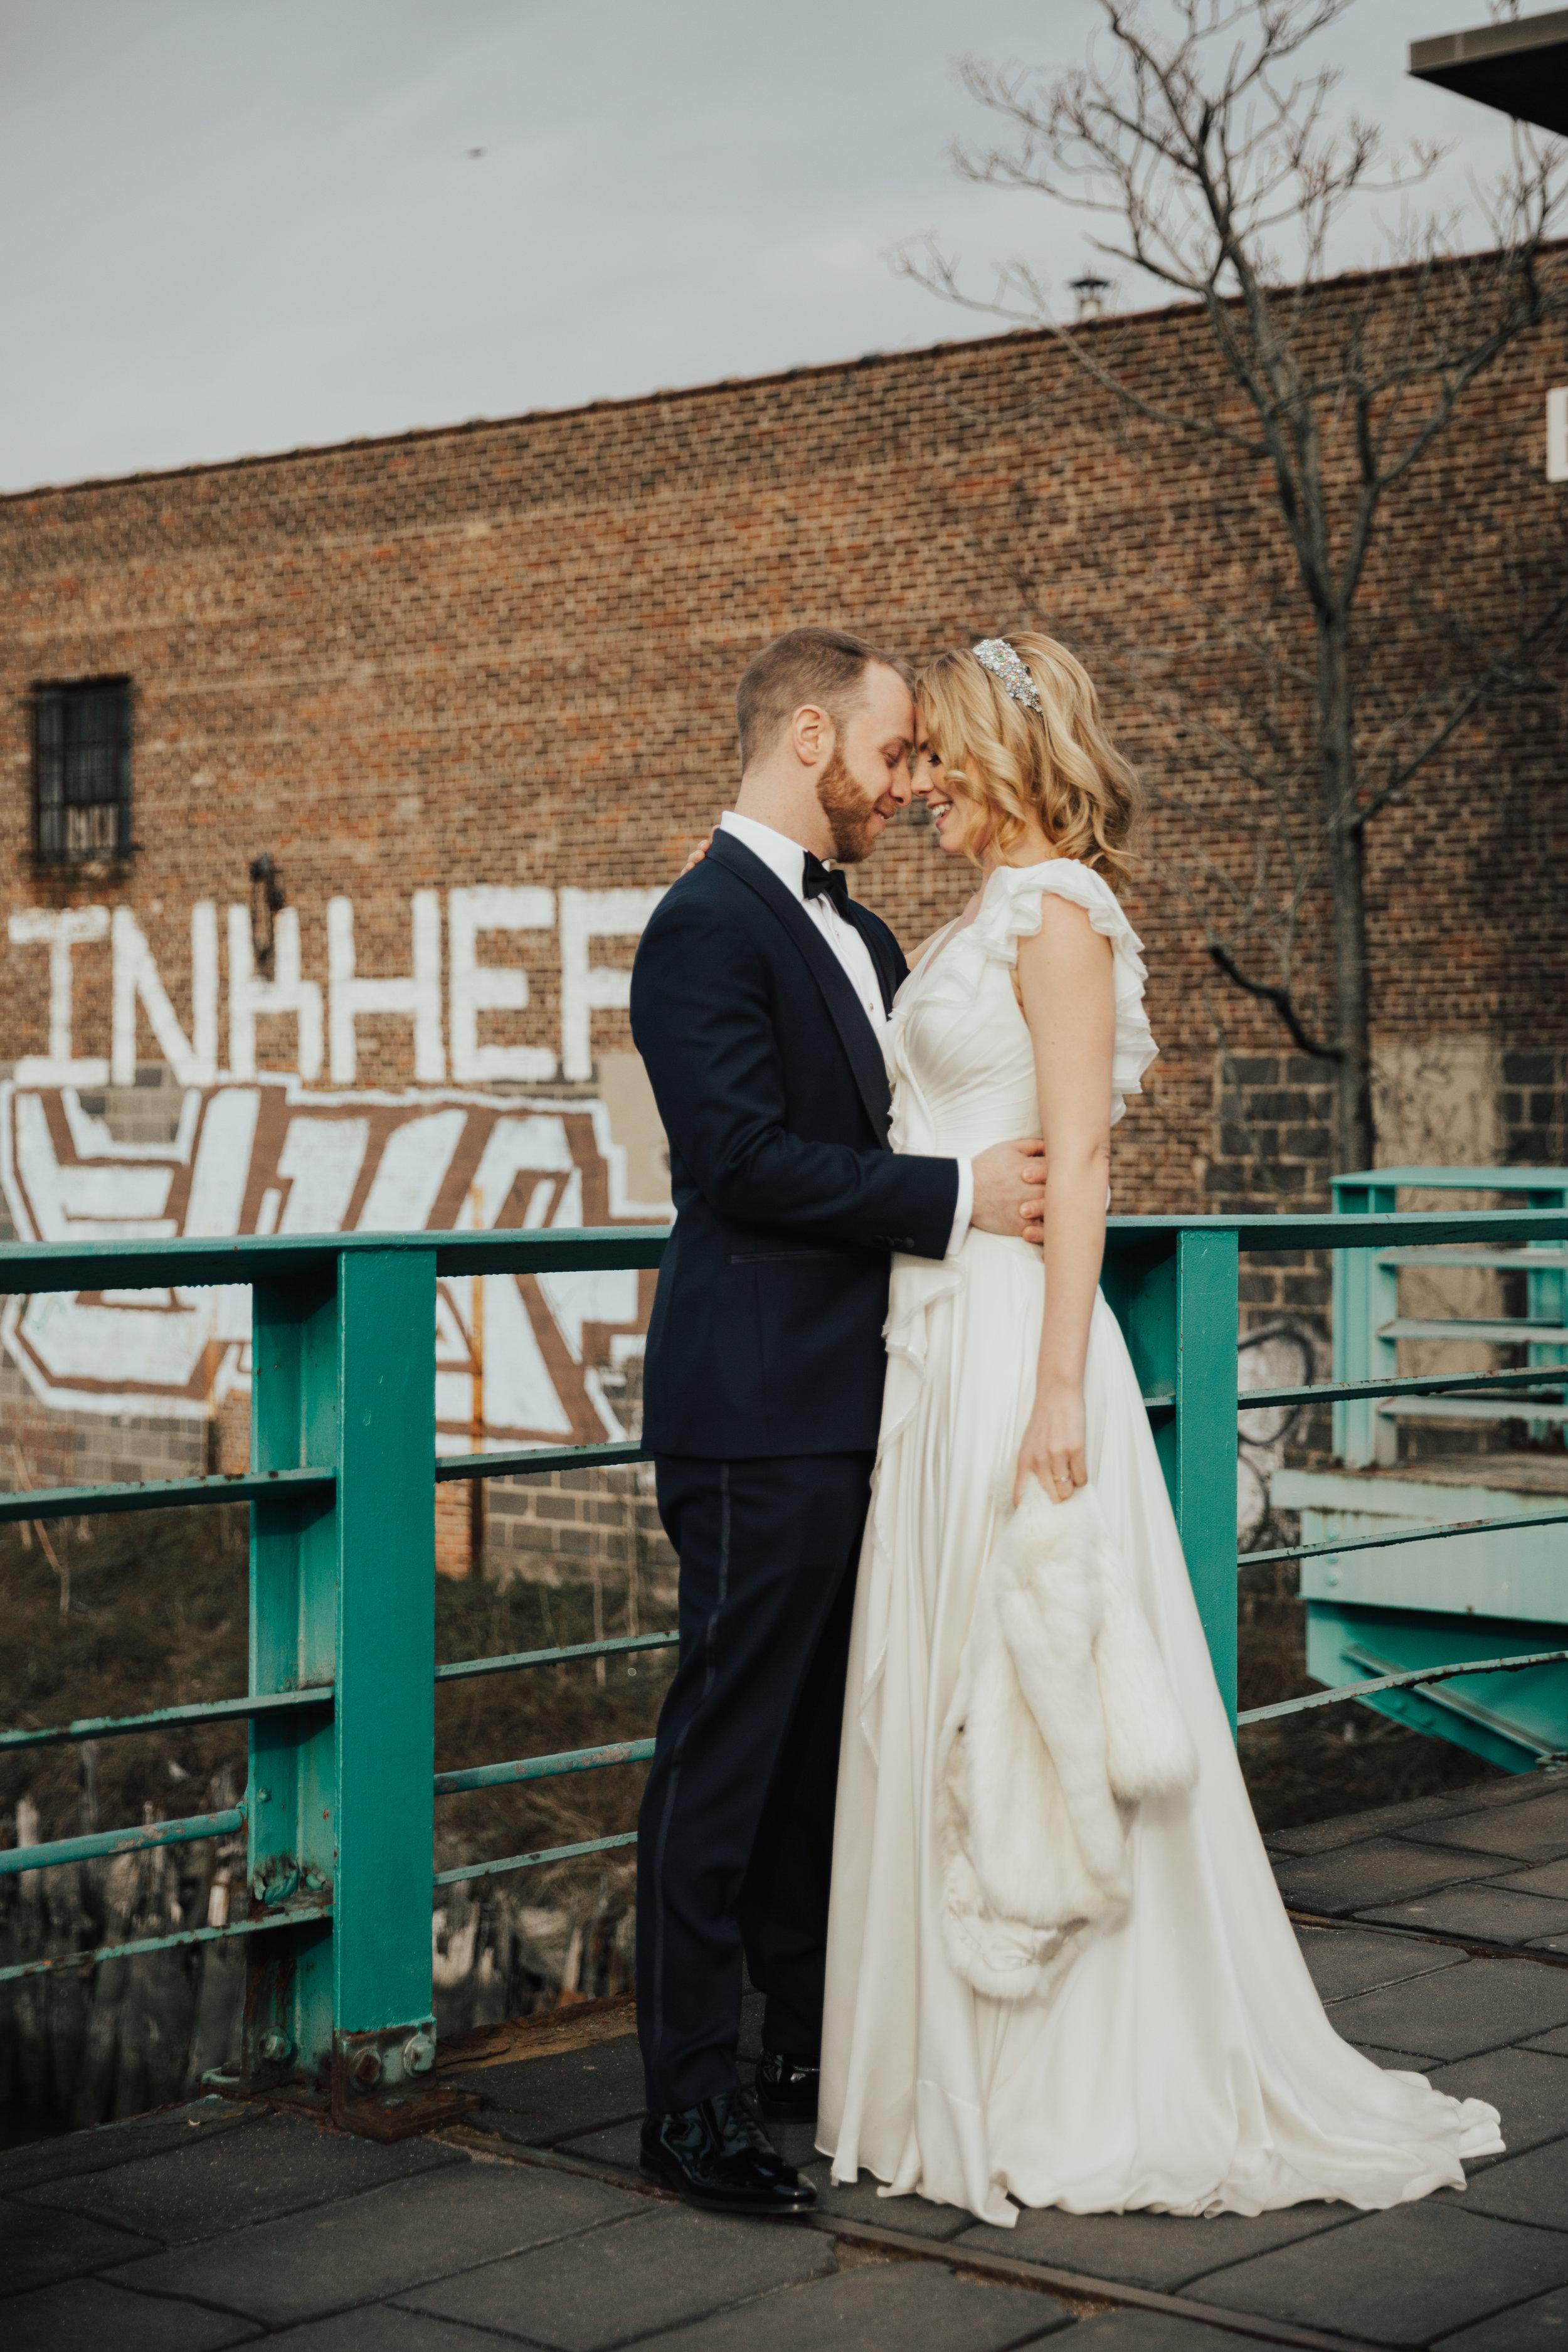 melissa_zach_wedding-243.jpg